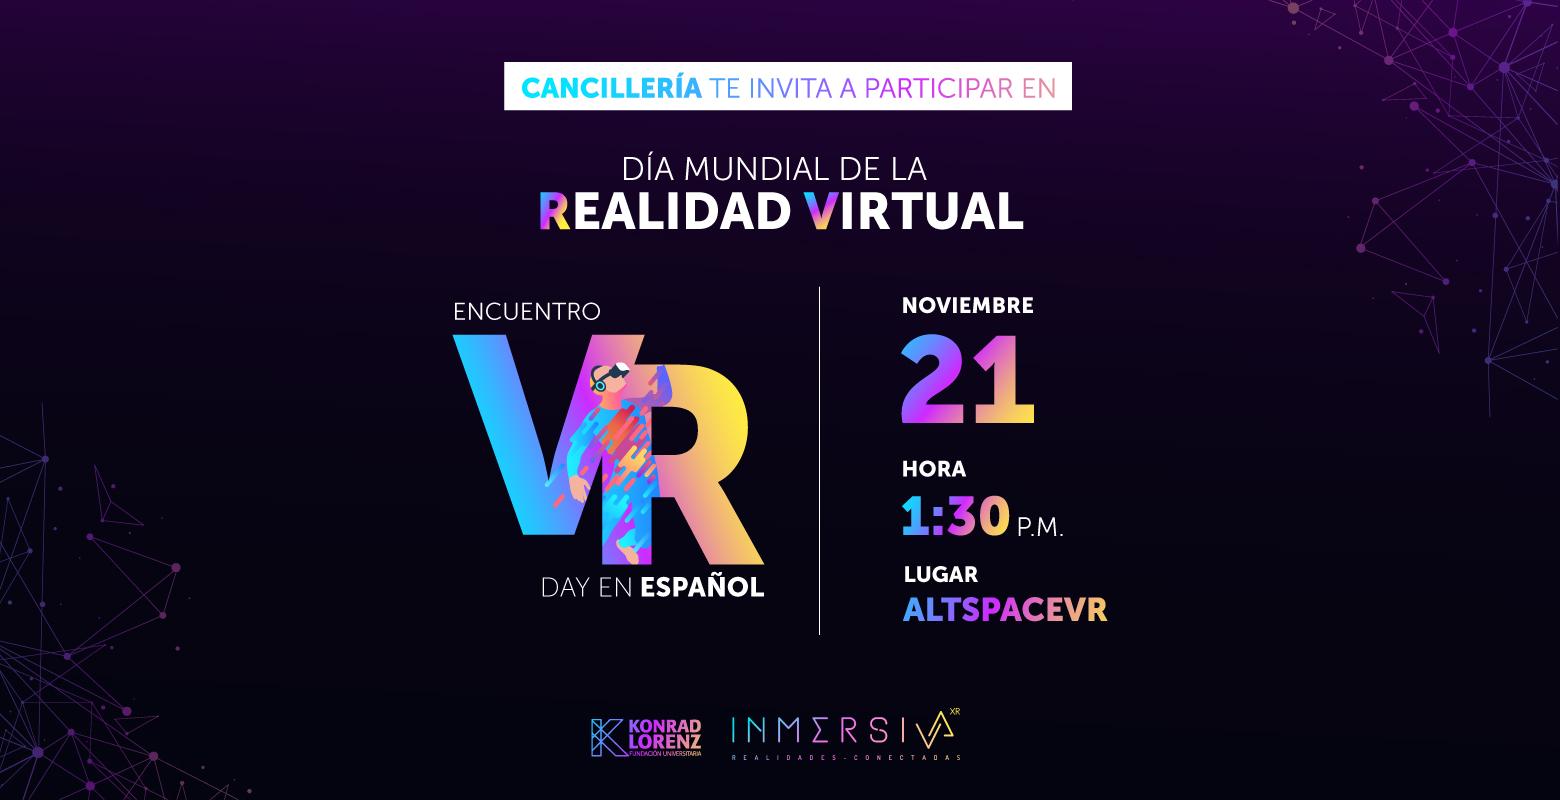 Cancillería: Participa en el Encuentro VR Day en Español